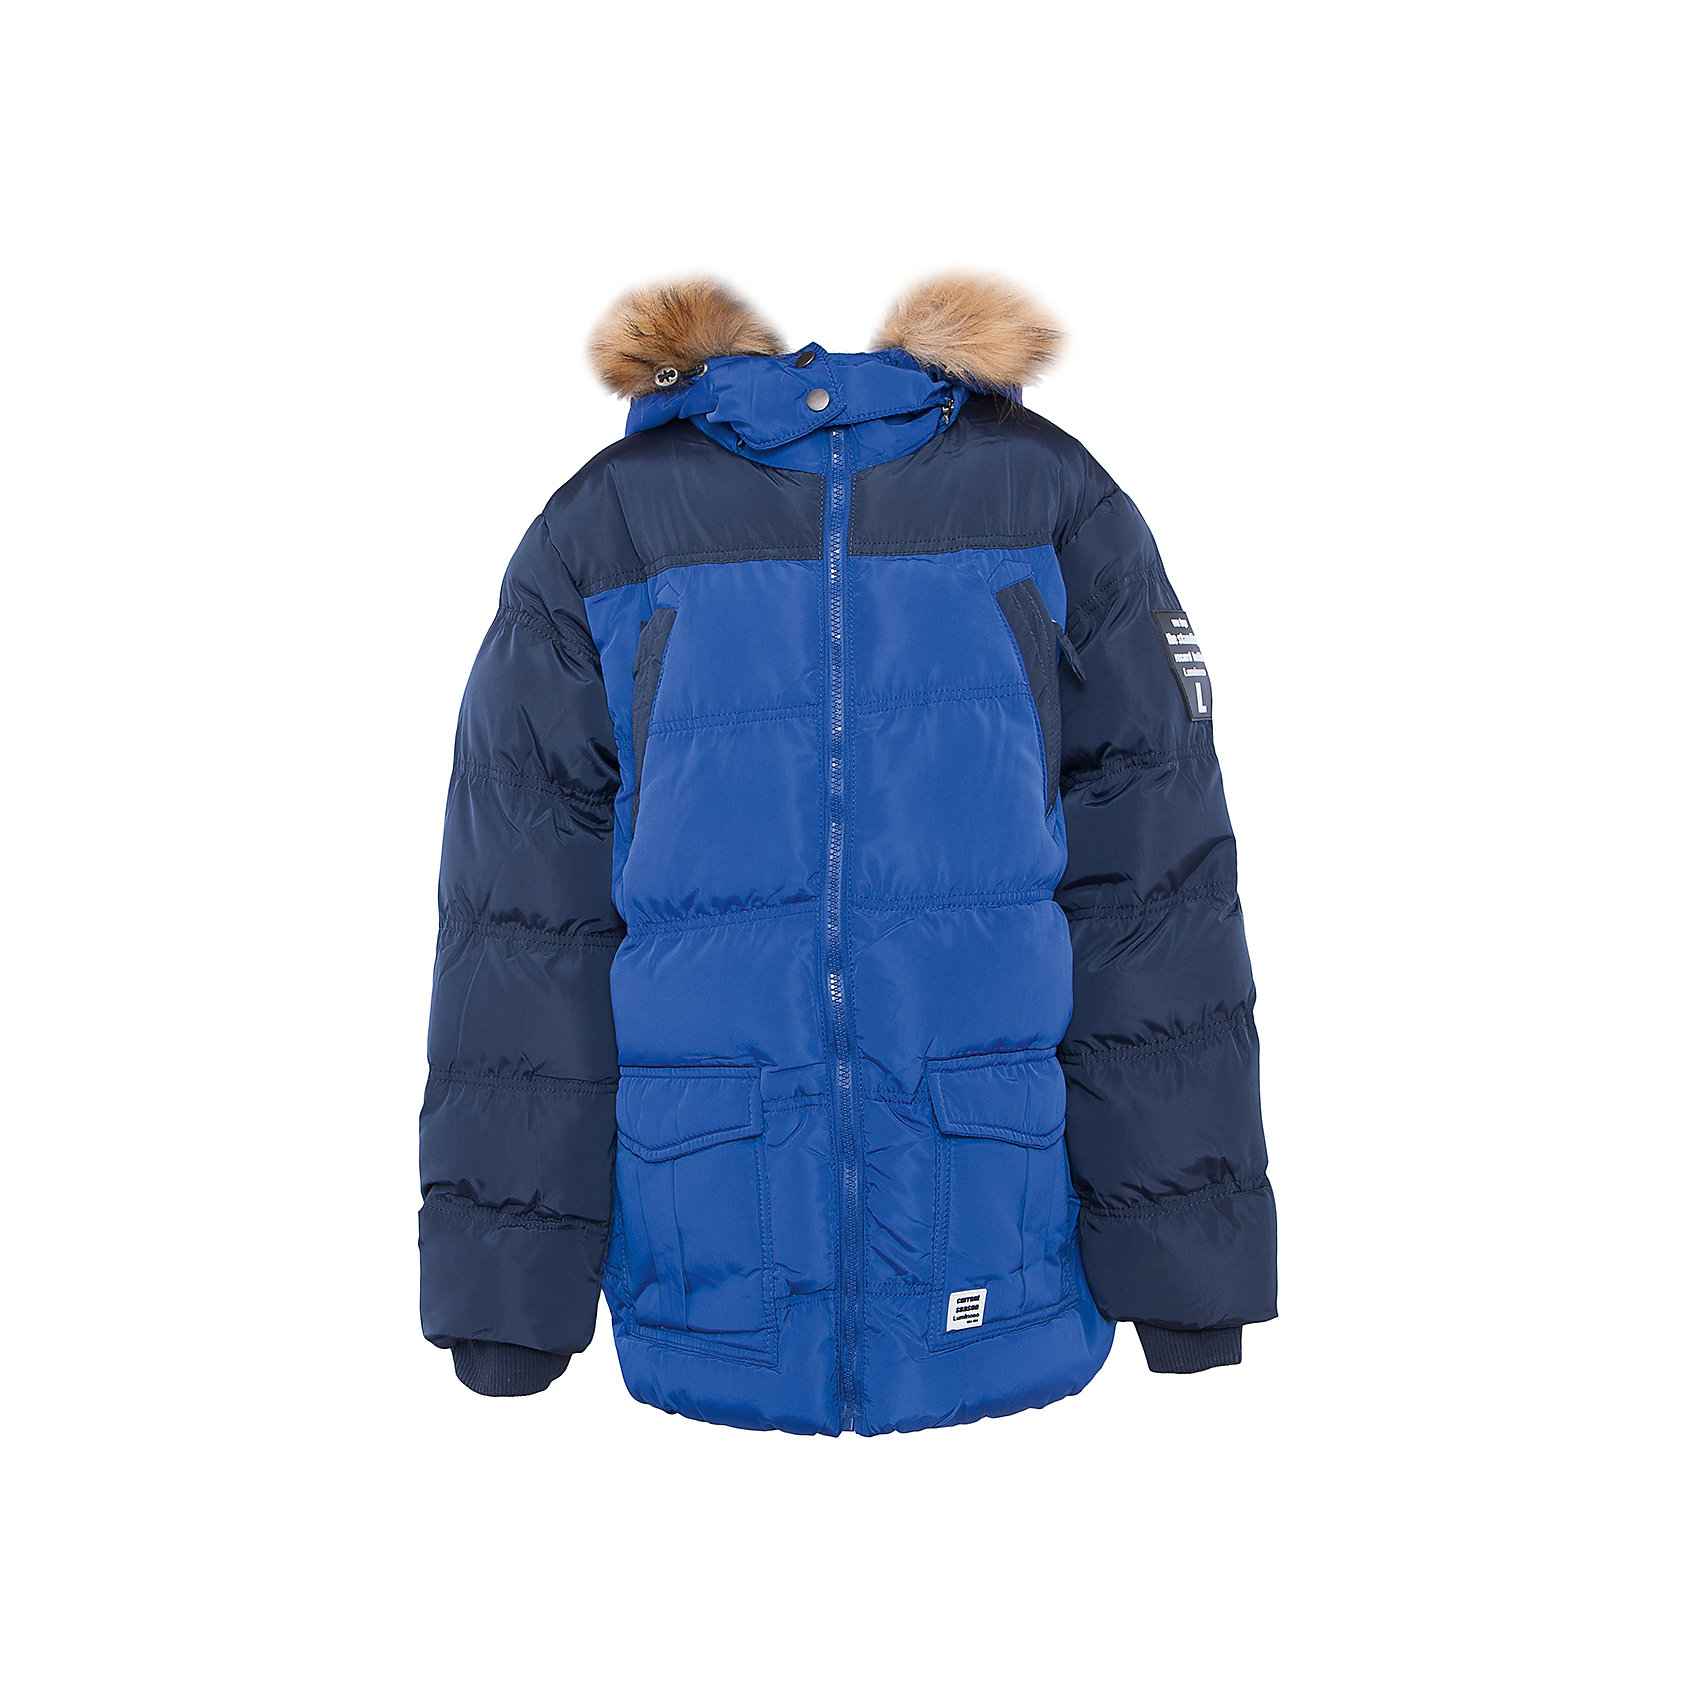 Куртка для мальчика LuminosoВерхняя одежда<br>Характеристики товара:<br><br>- цвет: синий;<br>- материал: верх - 100% полиэстер, подкладка - 100% полиэстер, наполнитель - 100% полиэстер;<br>- фурнитура: металл;<br>- застежка: молния;<br>- капюшон;<br>- флисовая подкладка;<br>- отделка искусственным мехом.<br><br>Стильная одежда от бренда Luminoso (Люминосо), созданная при участии итальянских дизайнеров, учитывает потребности подростков и последние веяния моды. Она удобная и модная.<br>Эта утепленная куртка - для прохладной и холодной погоды. Она хорошо сидит на ребенке, обеспечивает комфорт и отлично сочетается с одежной разных стилей. Модель отличается высоким качеством швов и продуманным дизайном.<br><br>Куртку для мальчика от бренда Luminoso (Люминосо) можно купить в нашем интернет-магазине.<br><br>Ширина мм: 356<br>Глубина мм: 10<br>Высота мм: 245<br>Вес г: 519<br>Цвет: синий<br>Возраст от месяцев: 96<br>Возраст до месяцев: 108<br>Пол: Мужской<br>Возраст: Детский<br>Размер: 134,152,158,164,140,146<br>SKU: 4930984